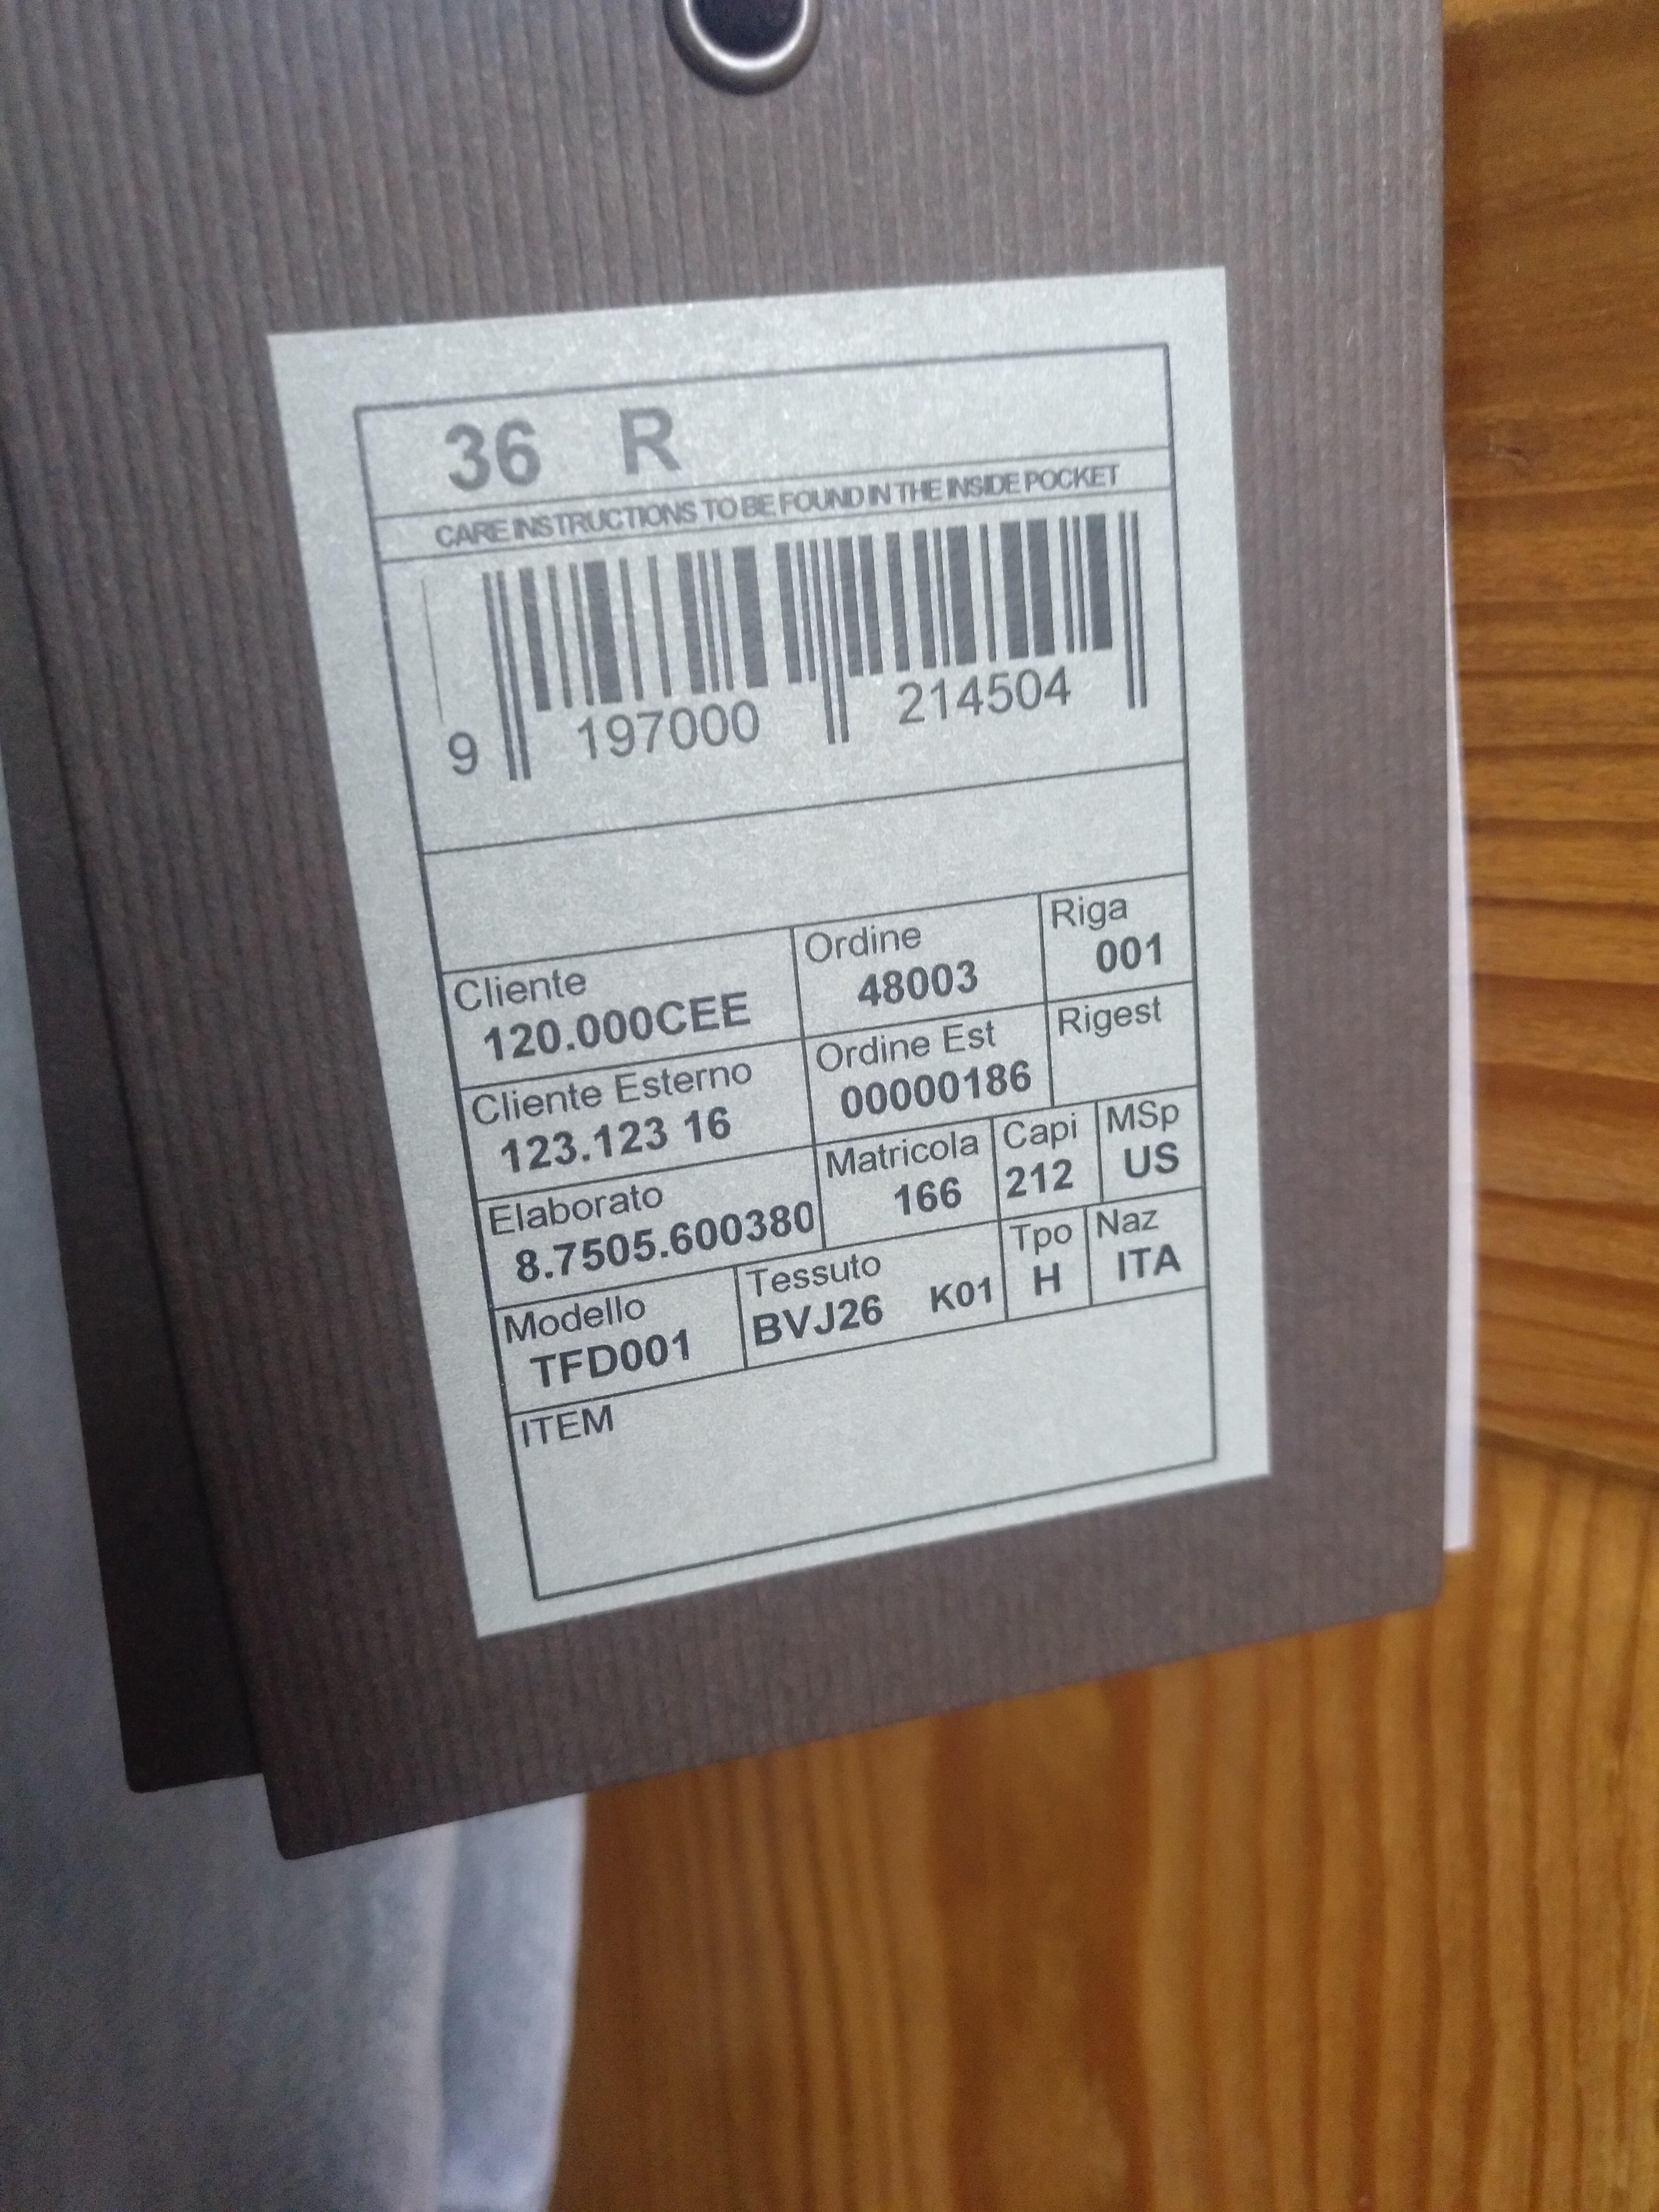 GKBJ9D7OSM64.jpg